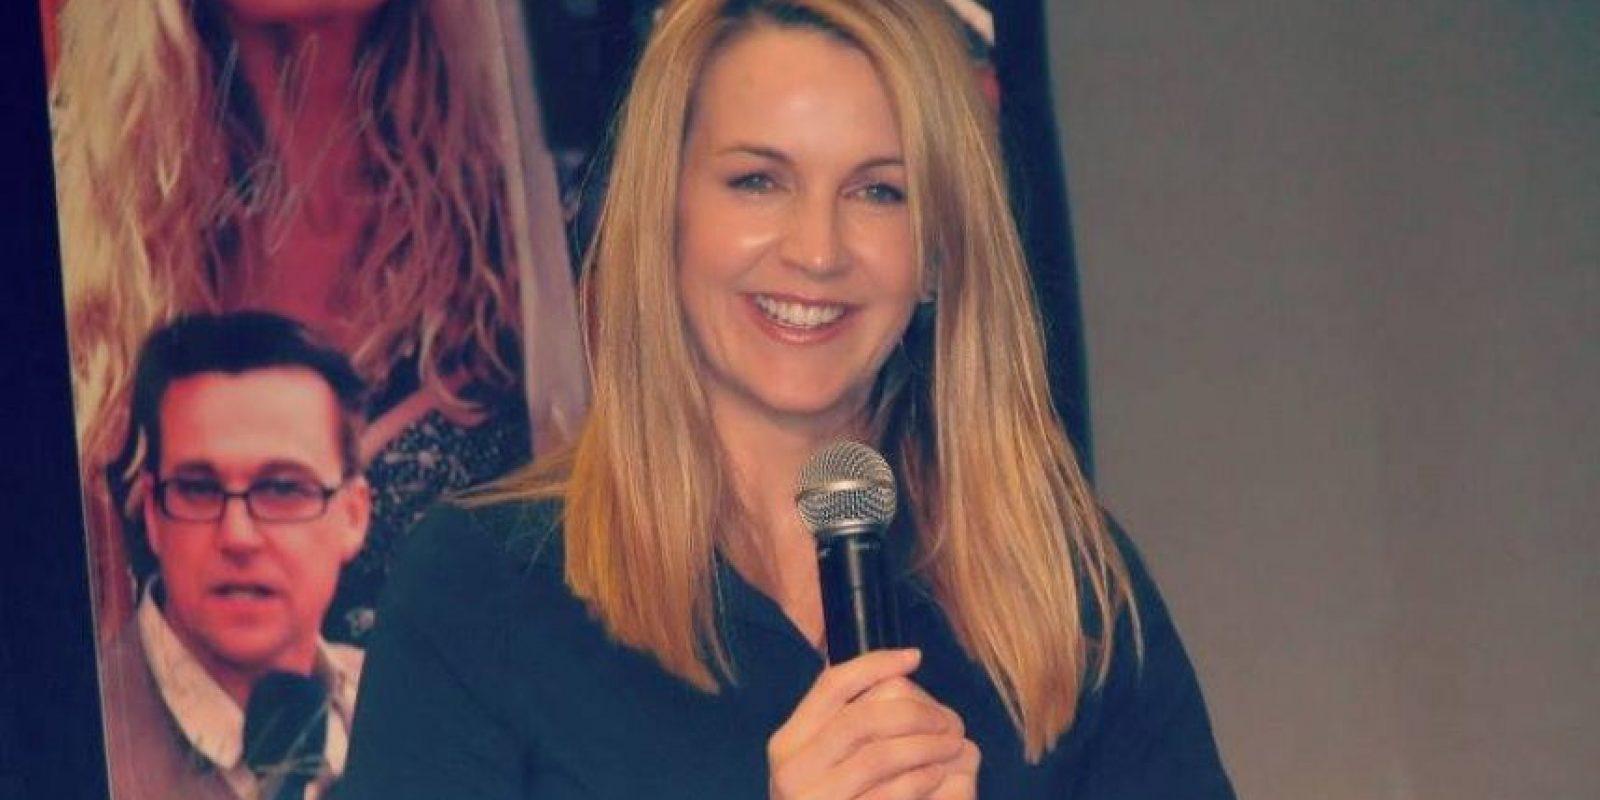 """Ha participado en filmes como: """"Moby Dick"""" (2010), """"Boogeyman"""" (2008) y """"Stone Cold"""" (1991). Foto:Facebook/ Renée O'Connor"""